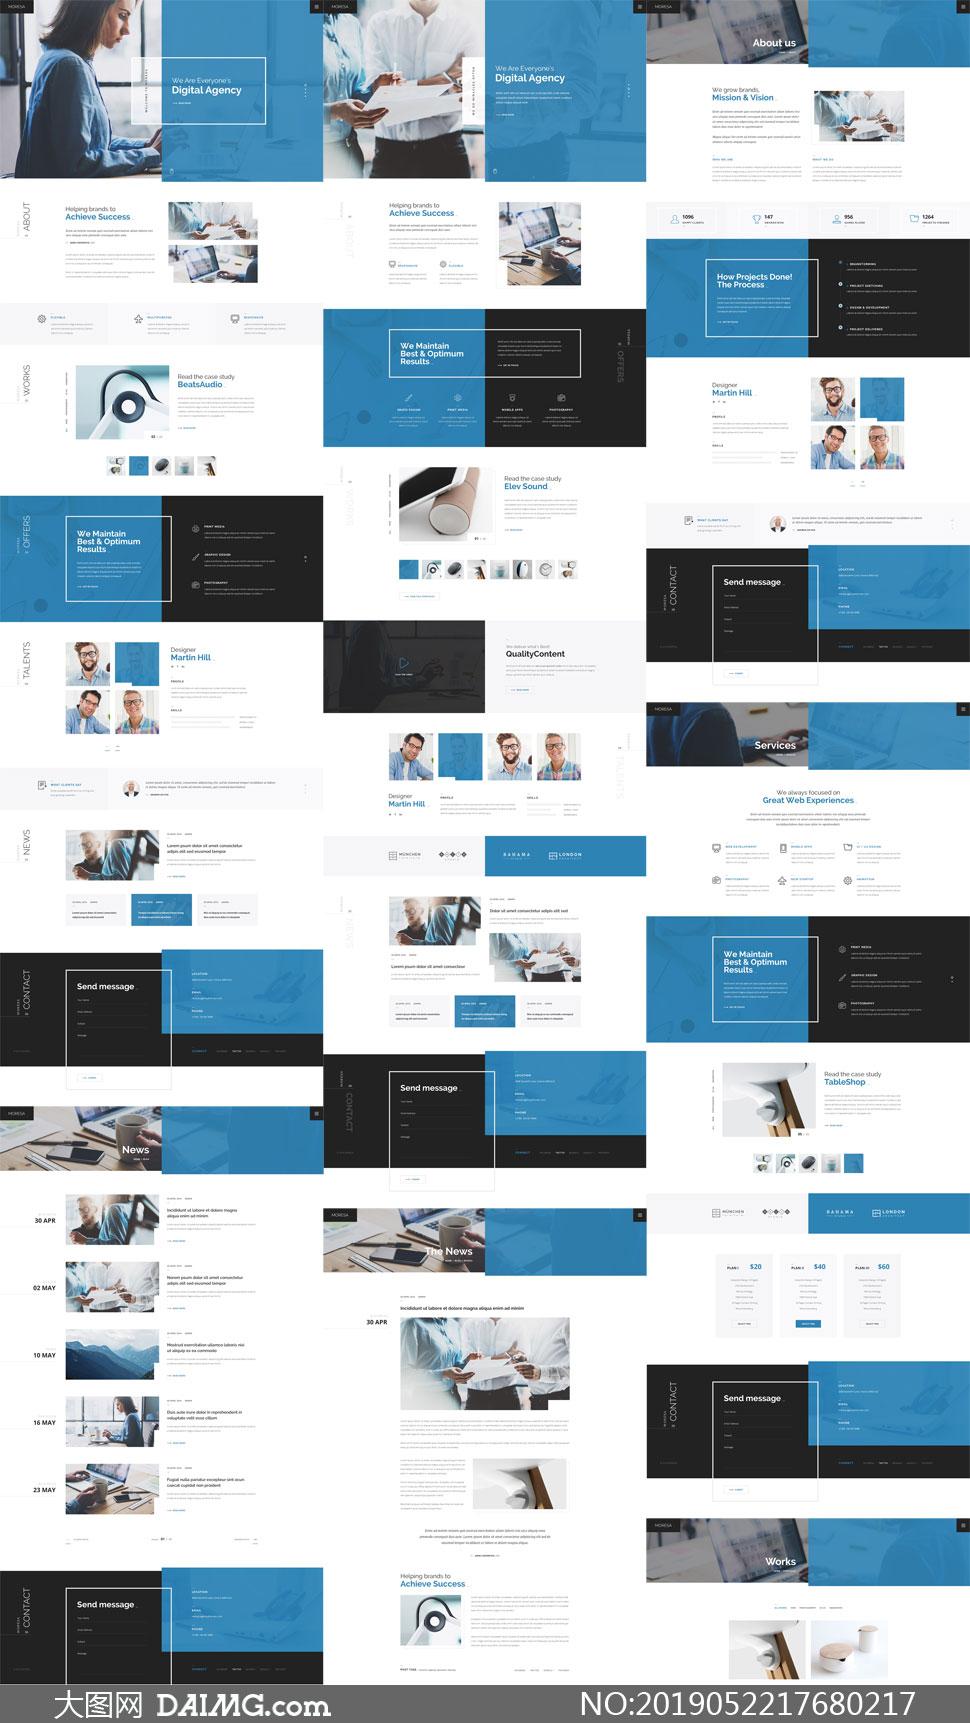 蓝黑配色公司网站版式设计分层模板